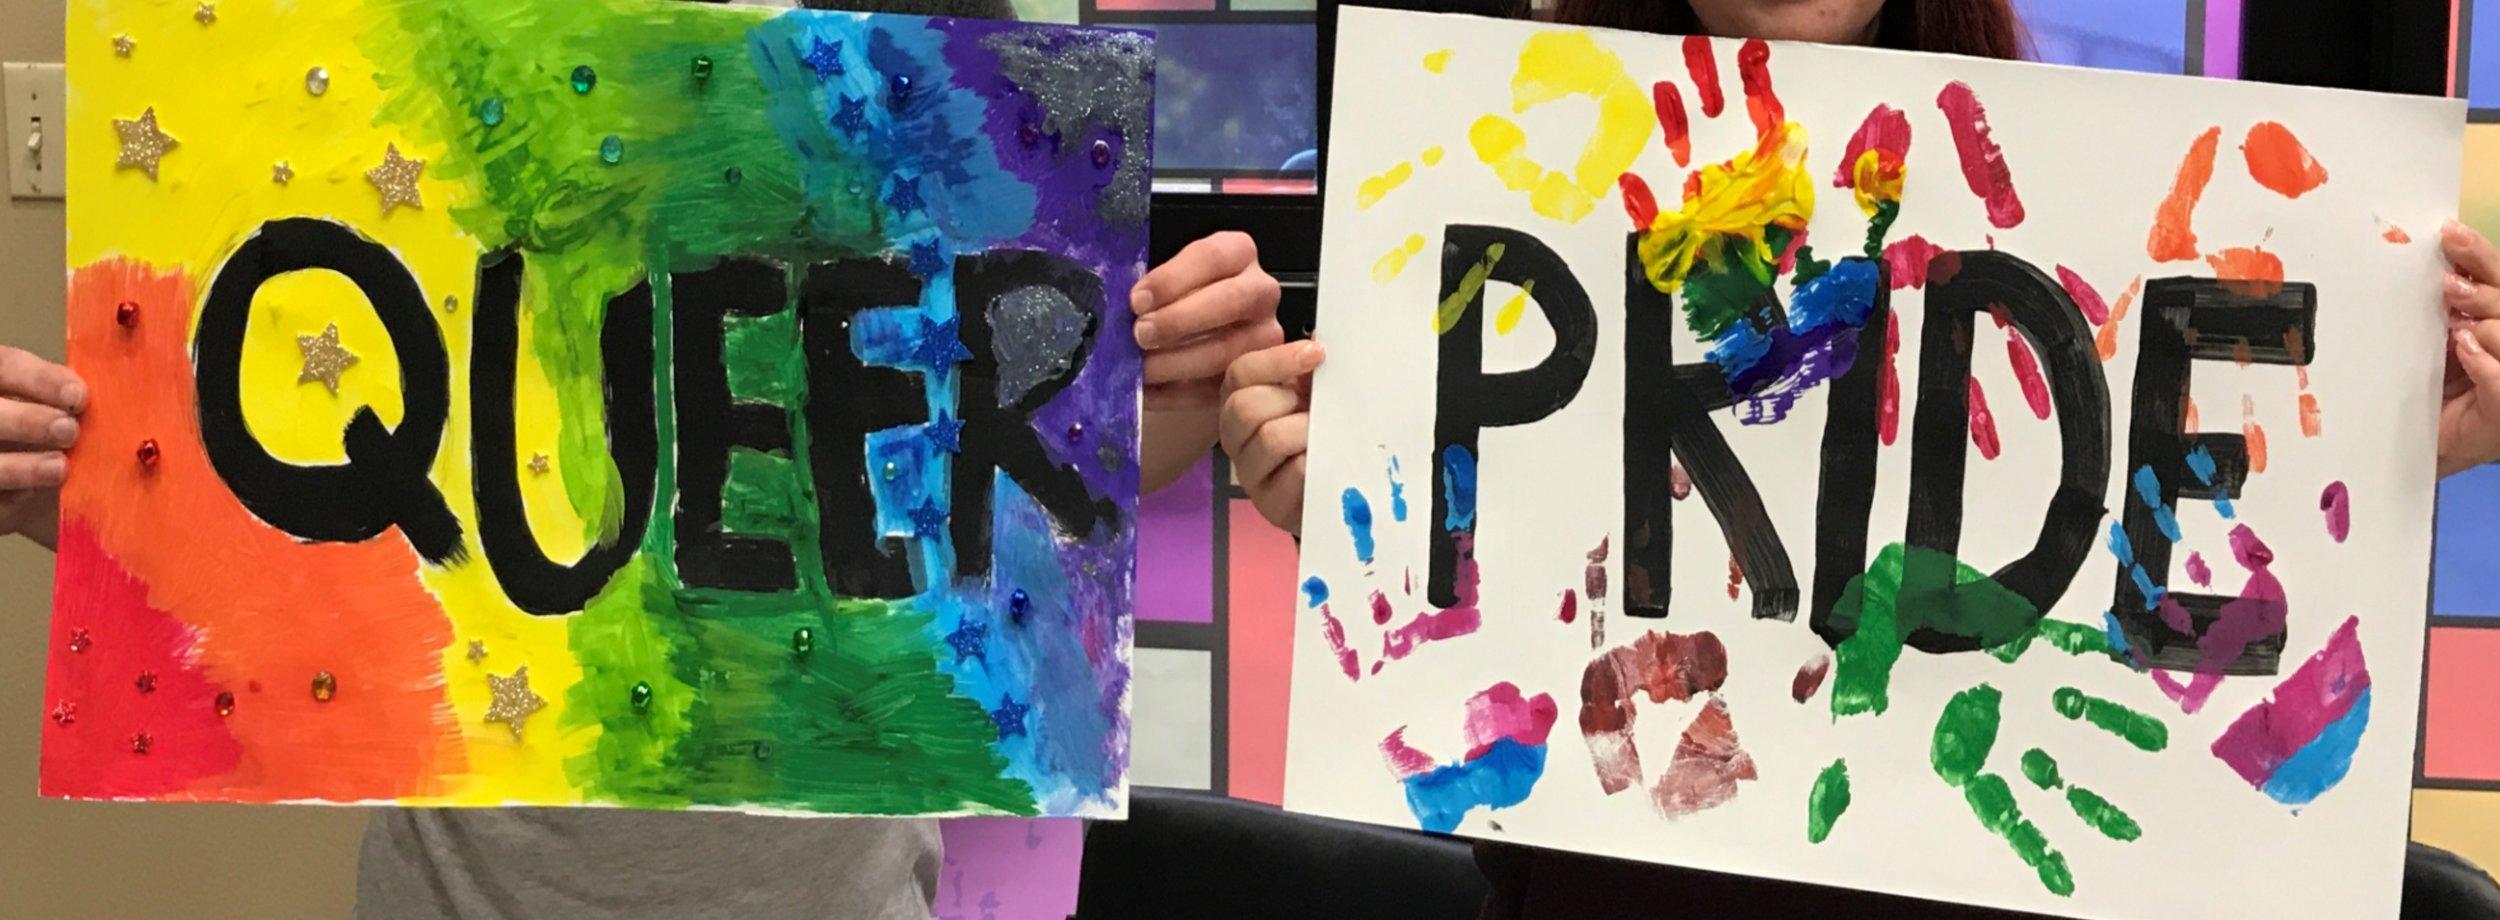 Queer Pride Signs.jpg